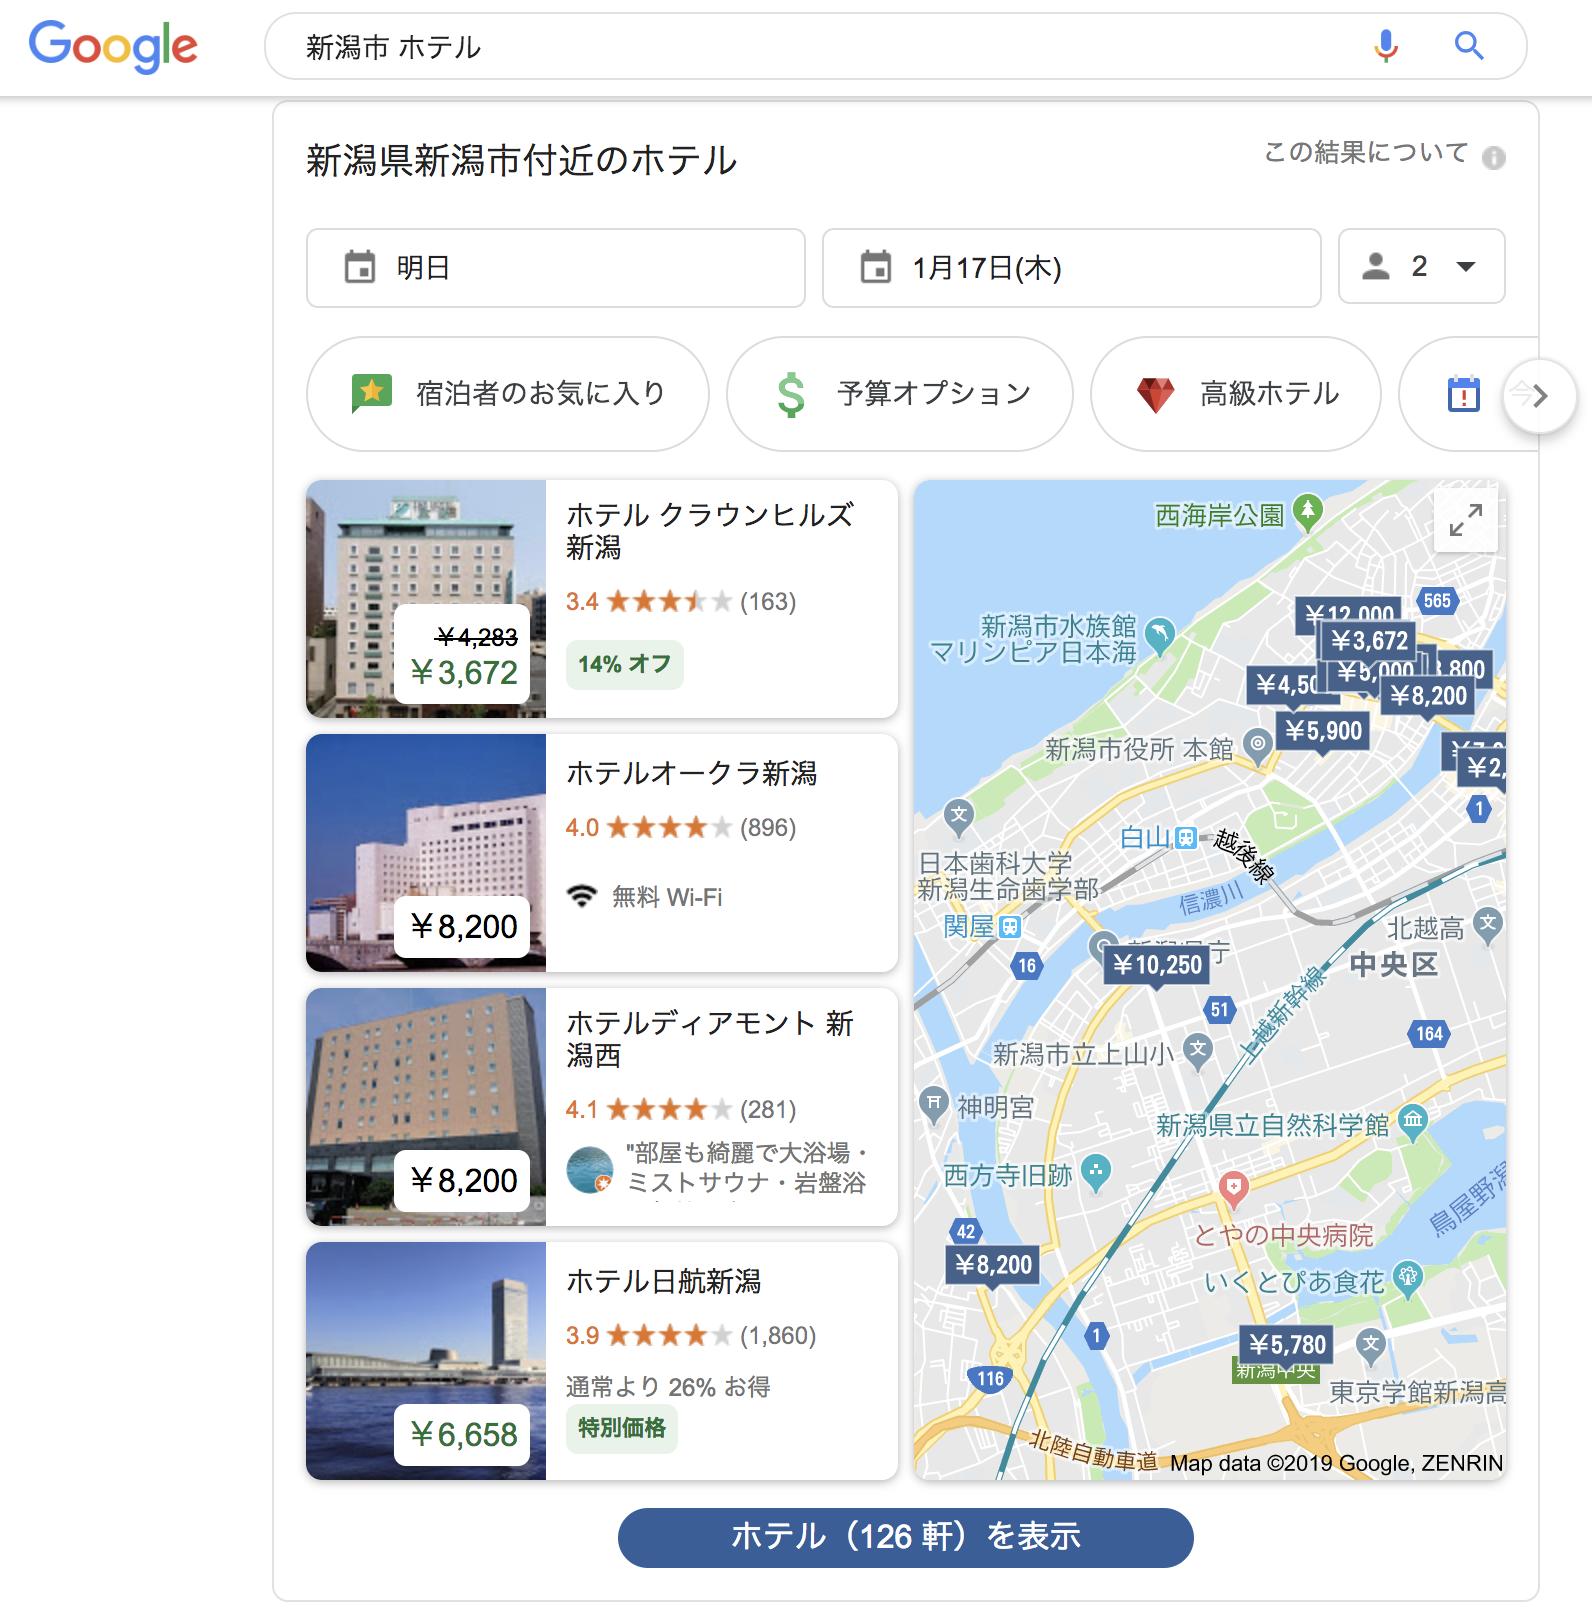 新潟市 ホテルでの検索結果